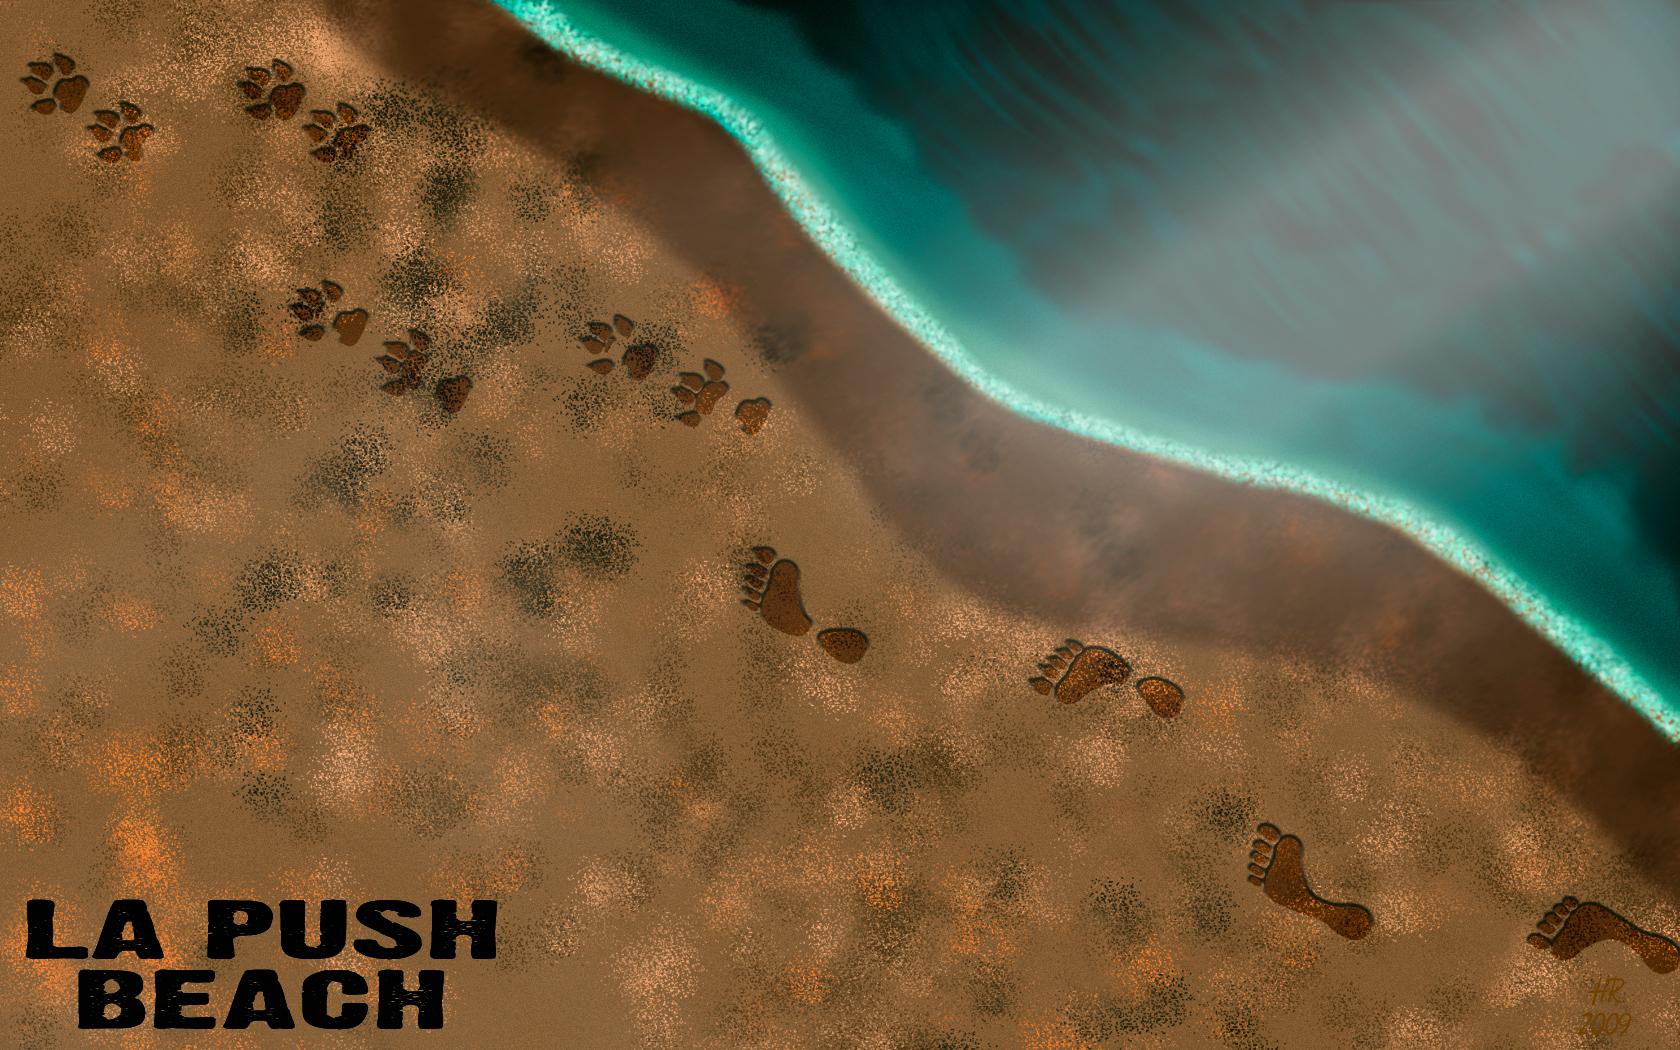 La Push пляж, пляжный